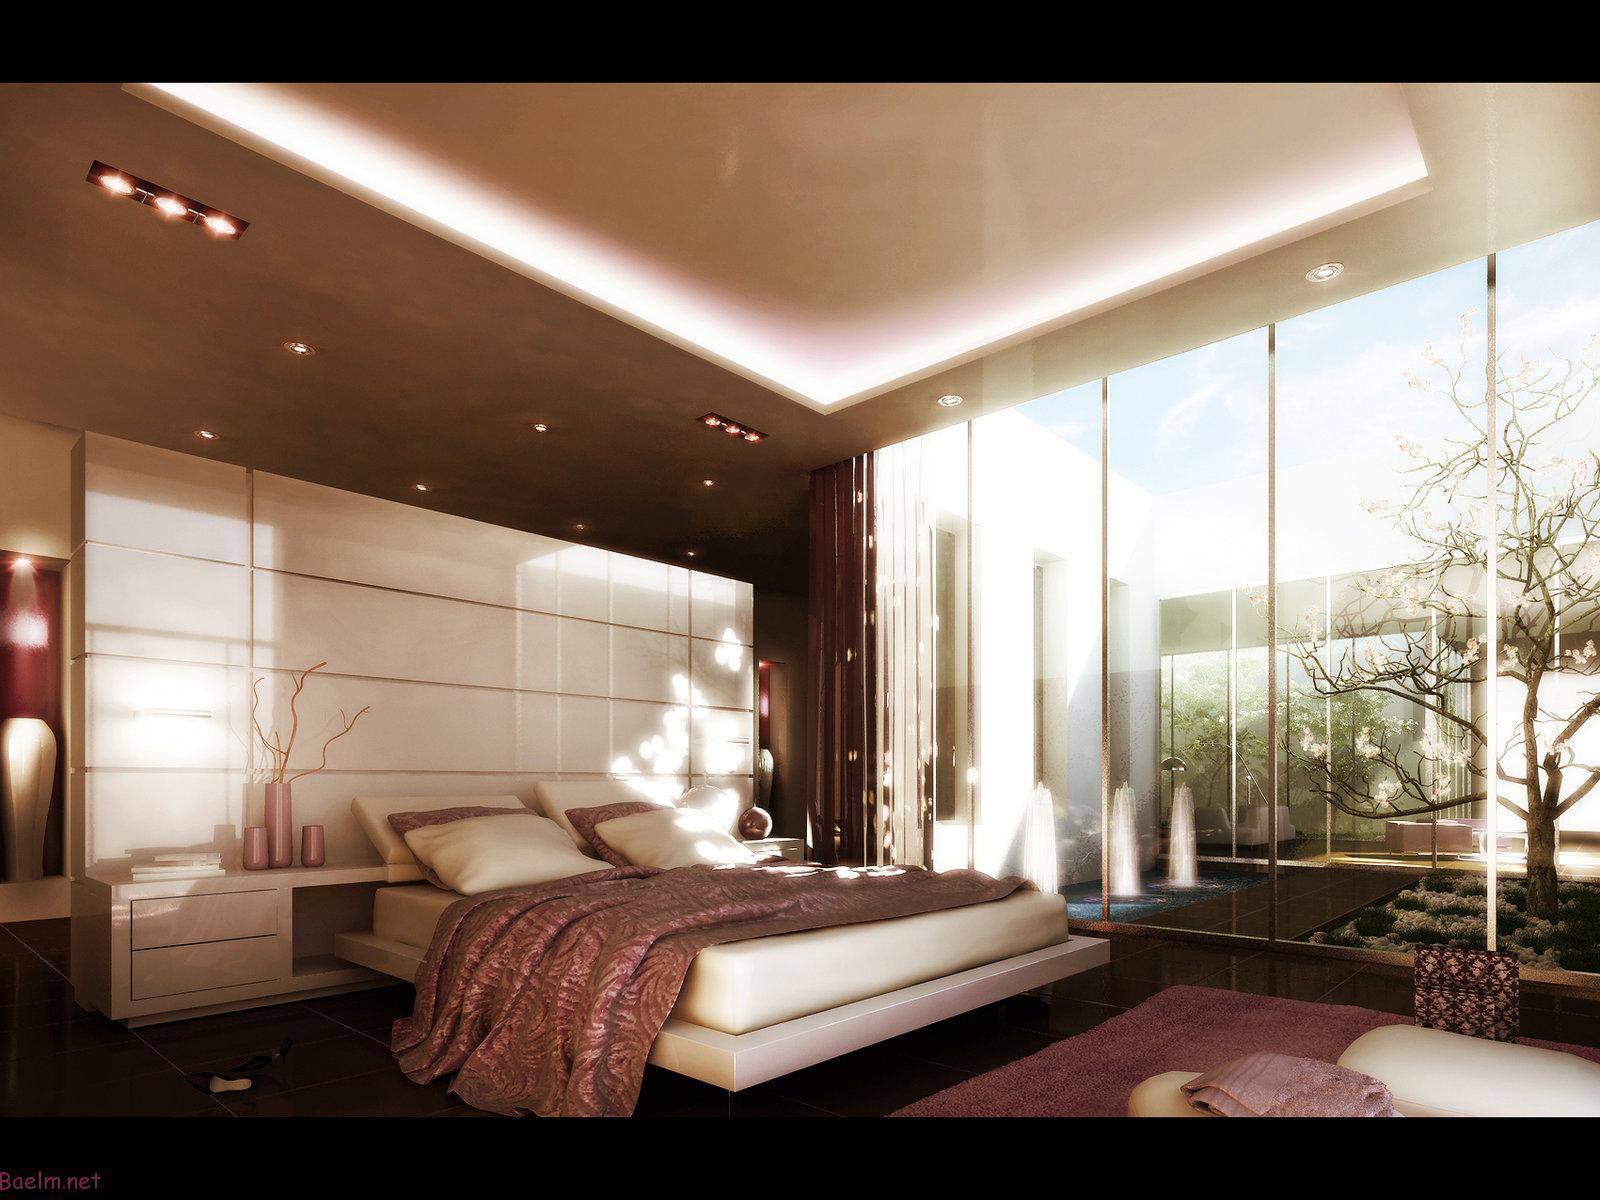 تزیین اتاق خواب رمانتیک ، اتاق خواب رمانتیک و لوکس با تزیینات شیک